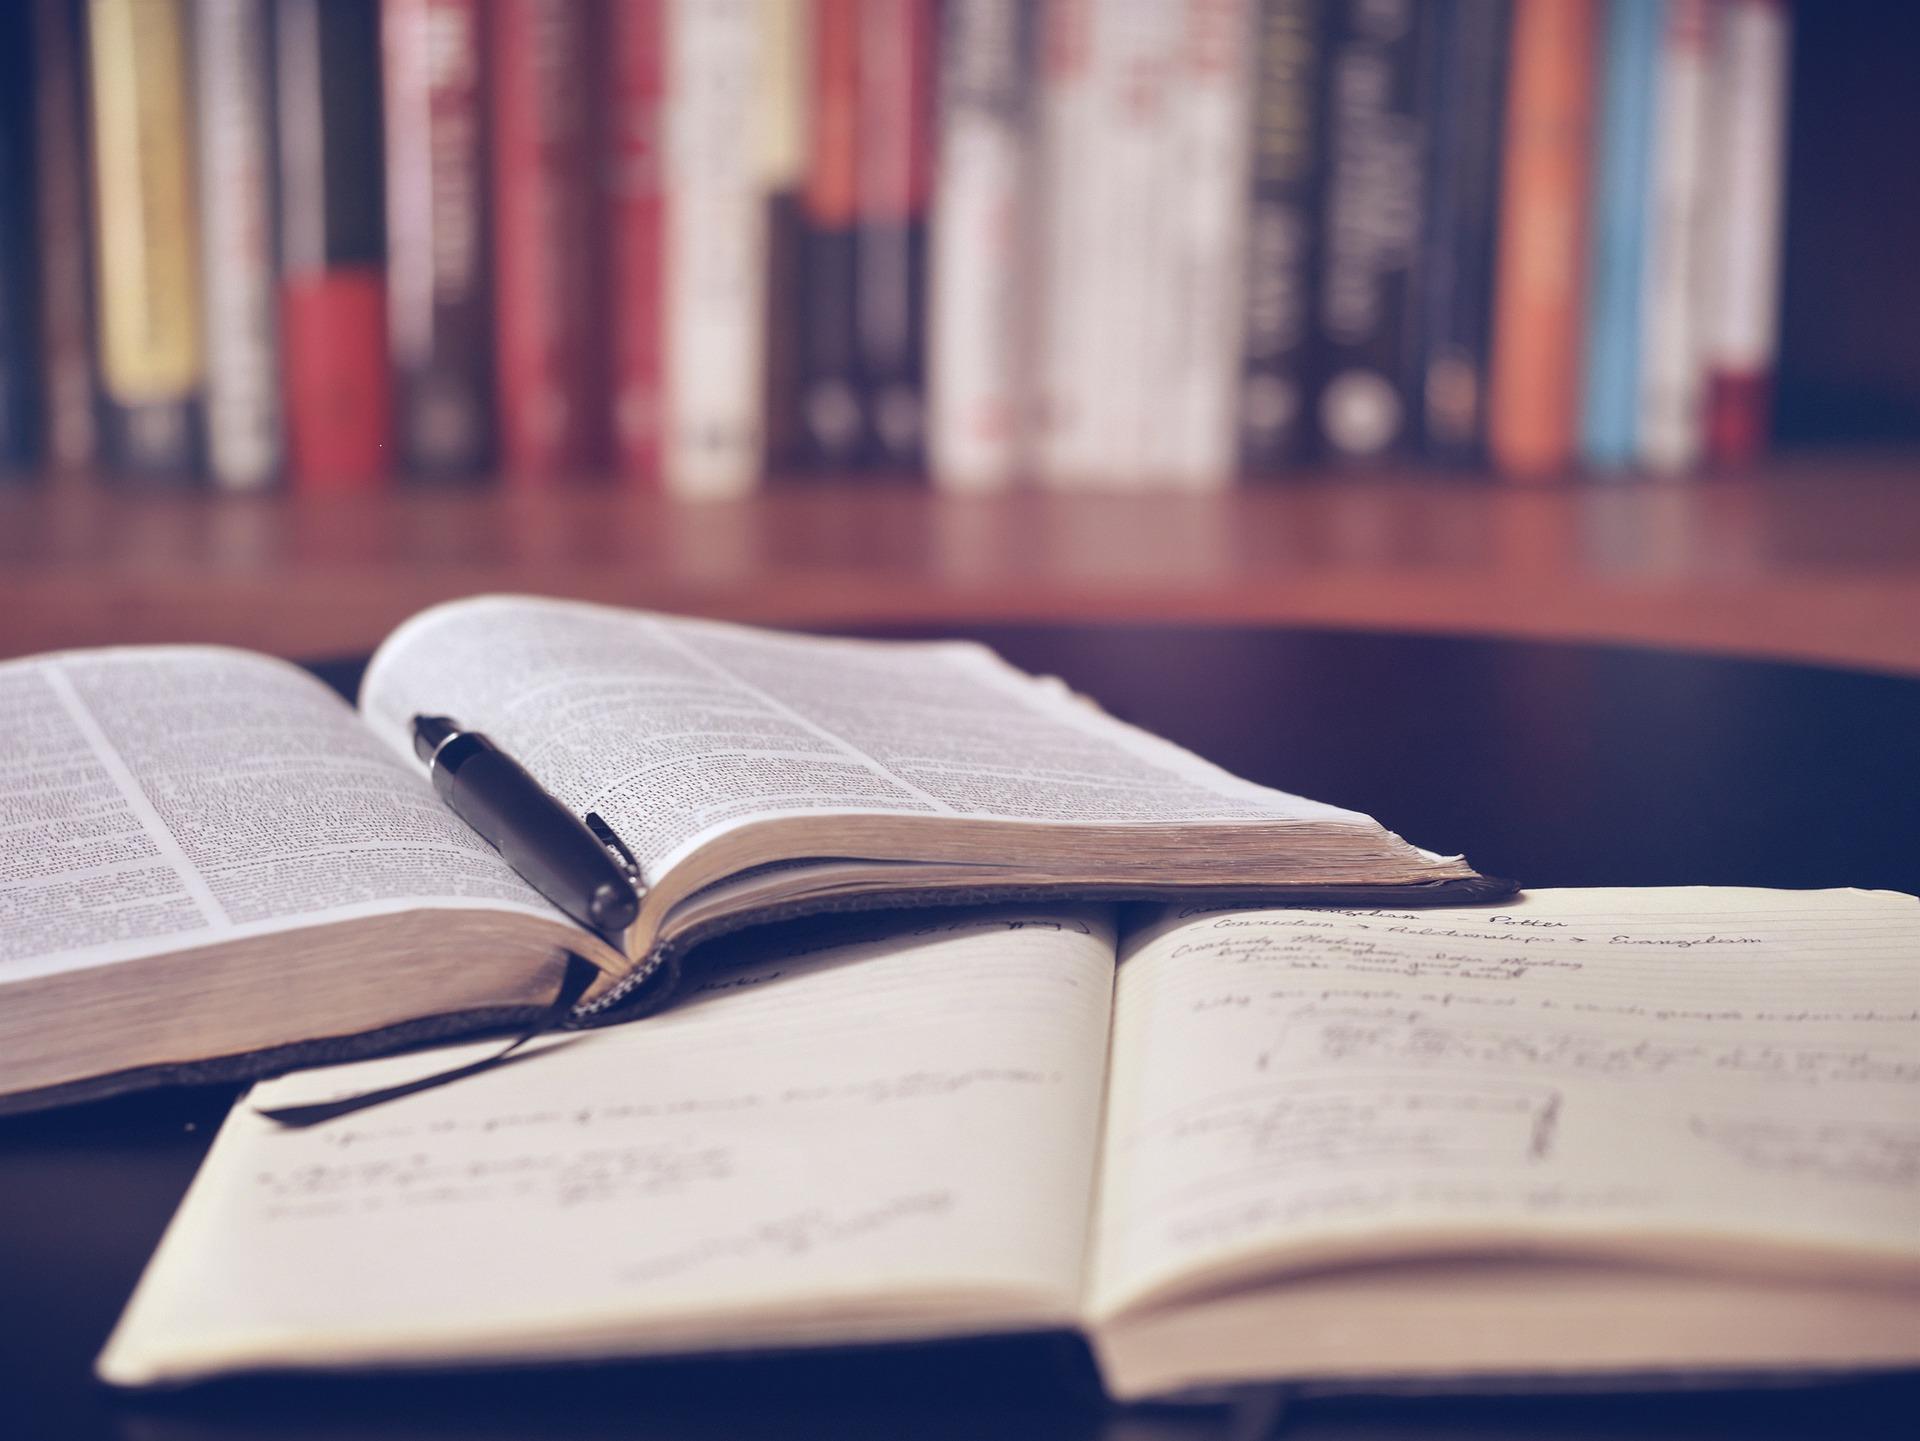 Symbolbild: Geöffnete Bücher mit Stift im Büro